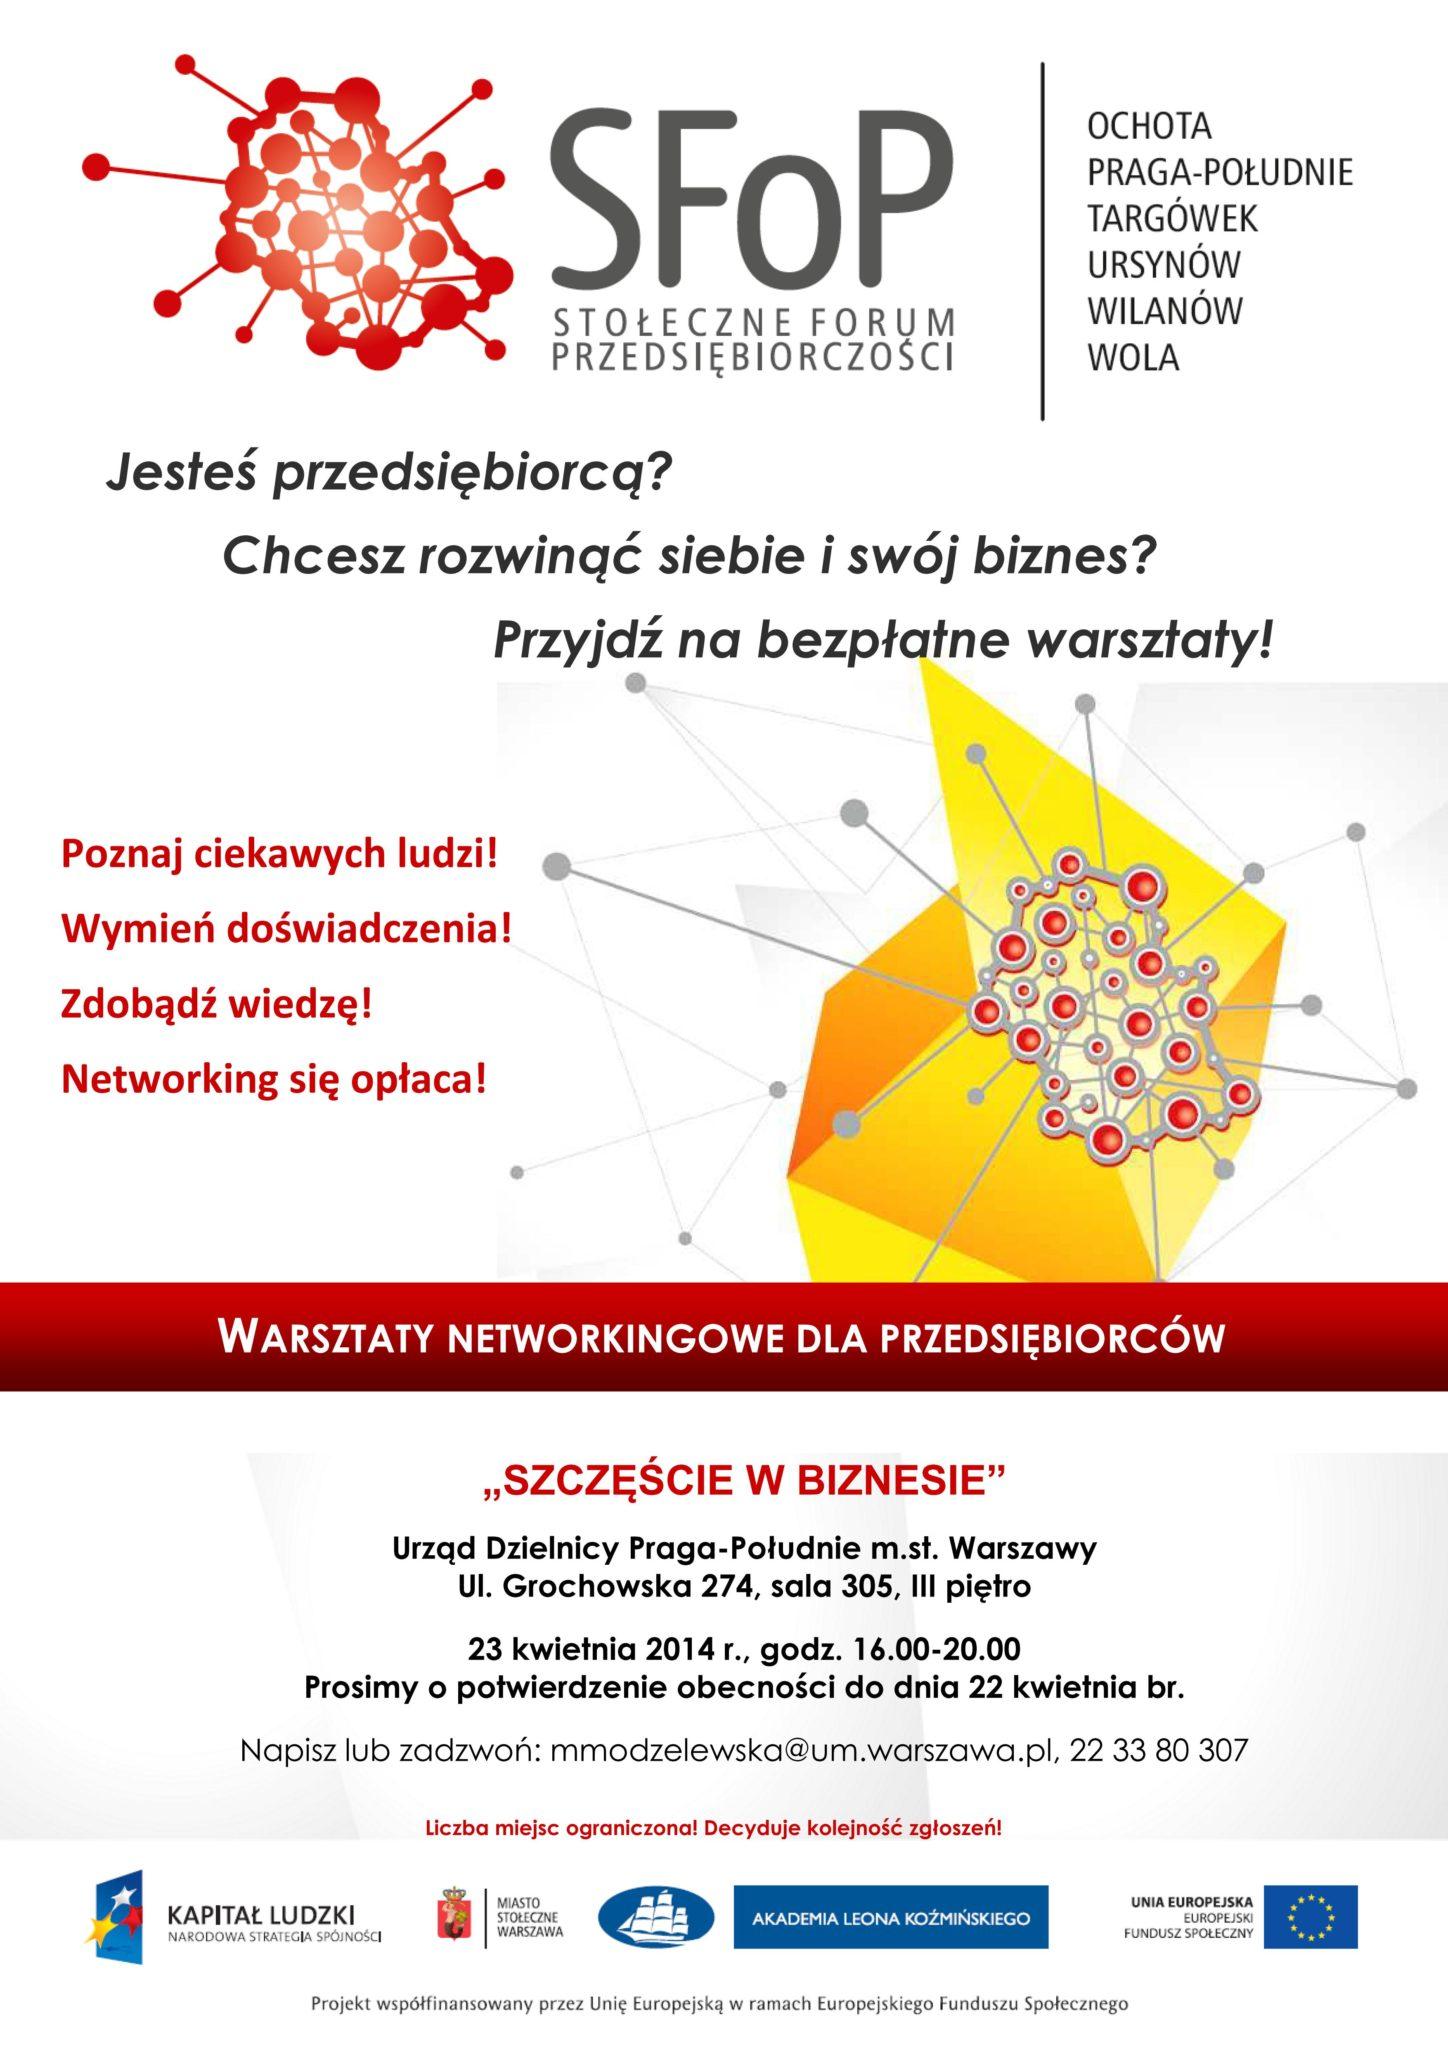 2014-09-03: wrześniowe spotkanie SFoP na Pradze Południe